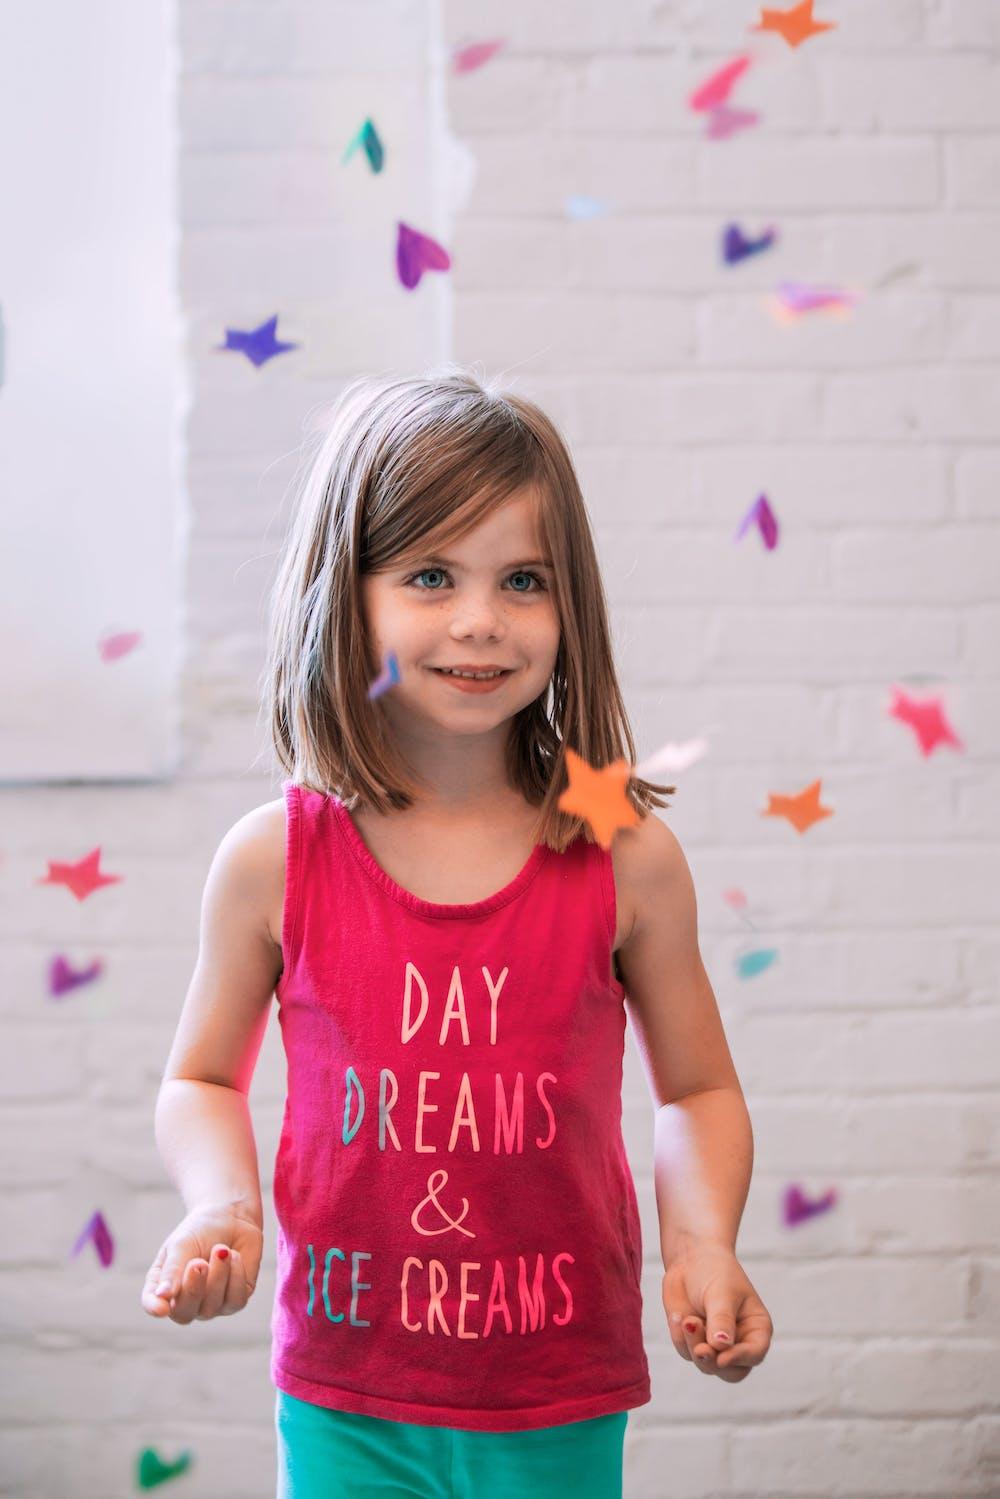 Little girl smiling.   Photo: Pexels